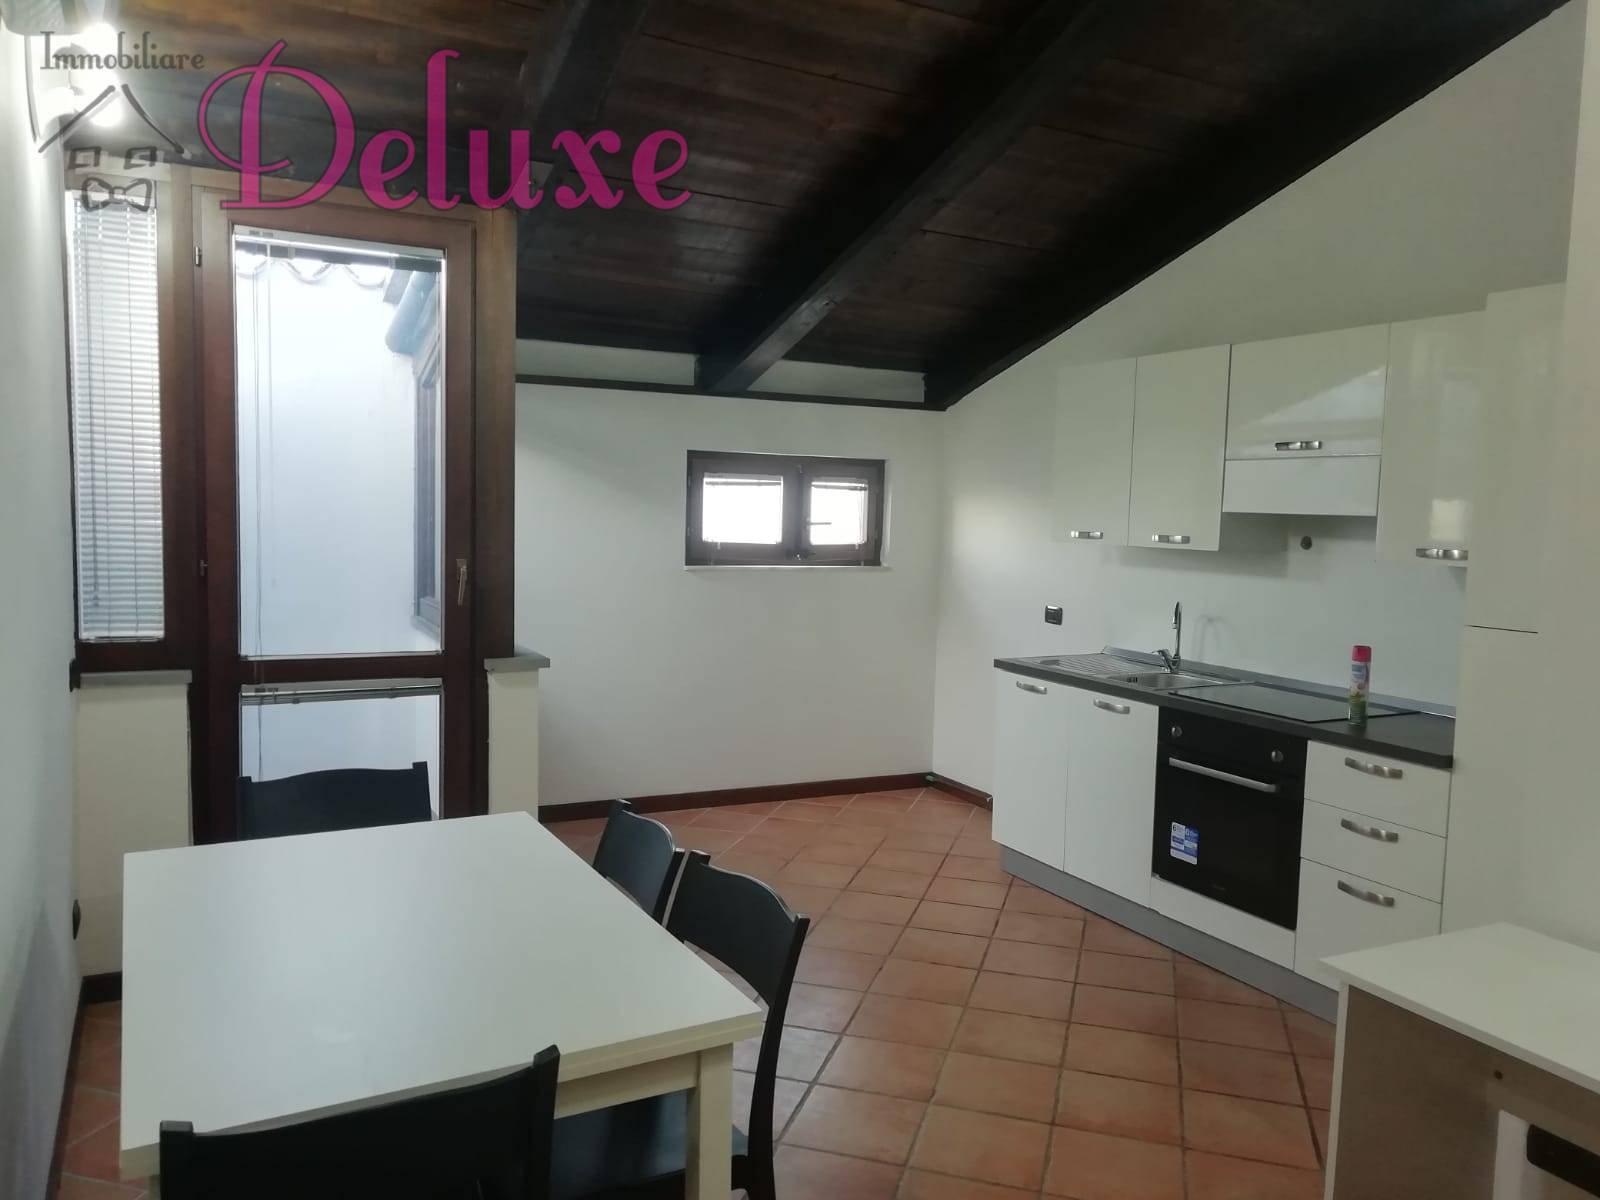 Appartamento in affitto a Macerata, 2 locali, zona Località: Centrostorico, prezzo € 450 | CambioCasa.it